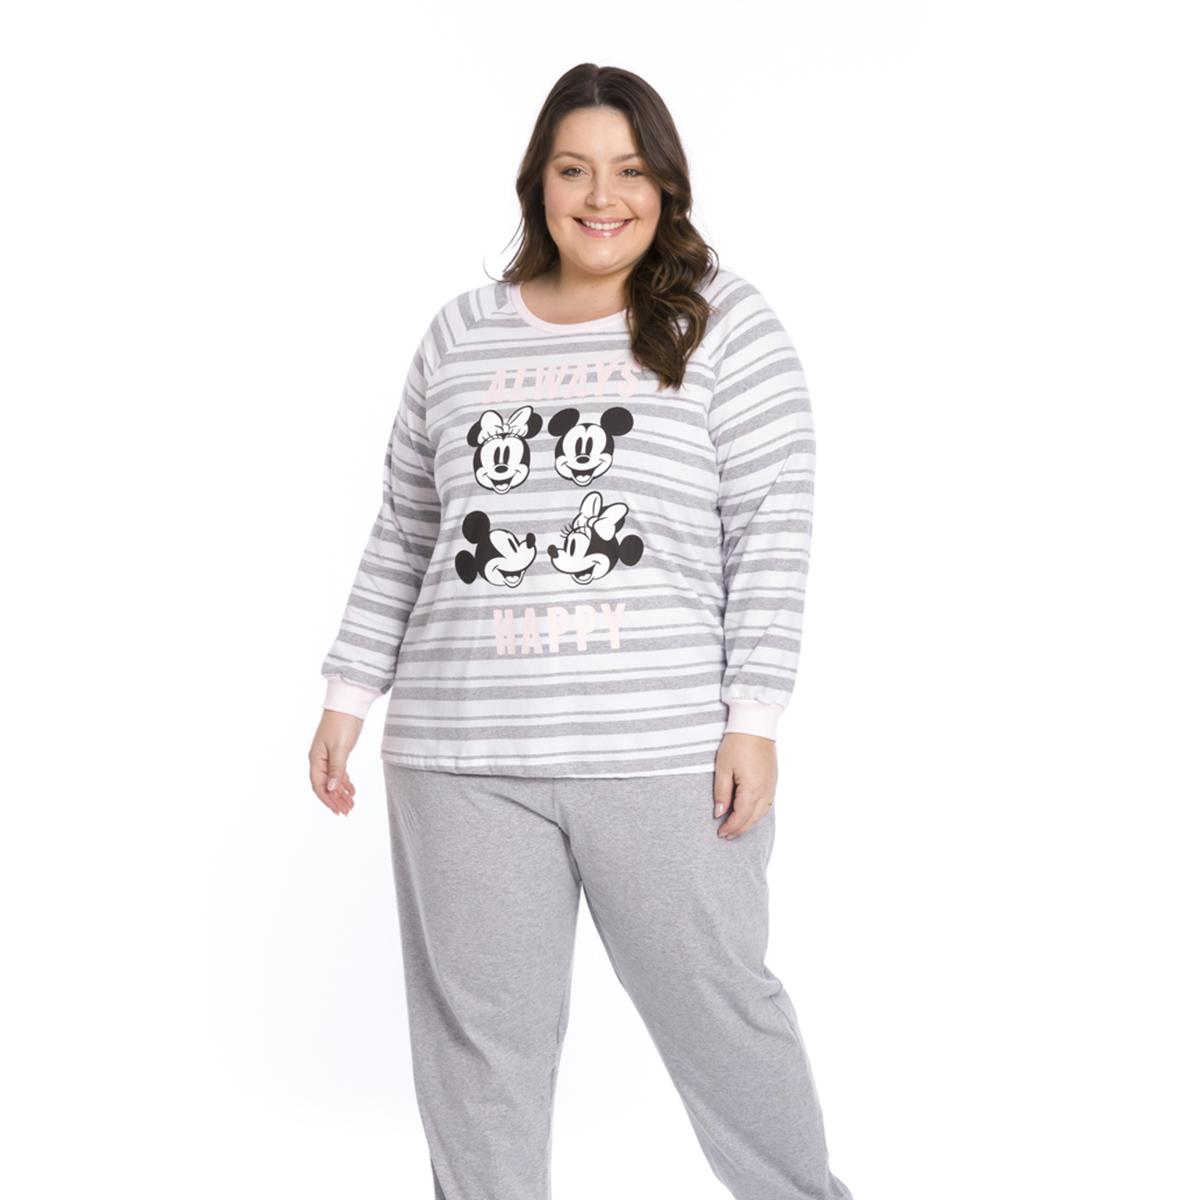 Pijama adulto feminino algodão disney always happy minnie